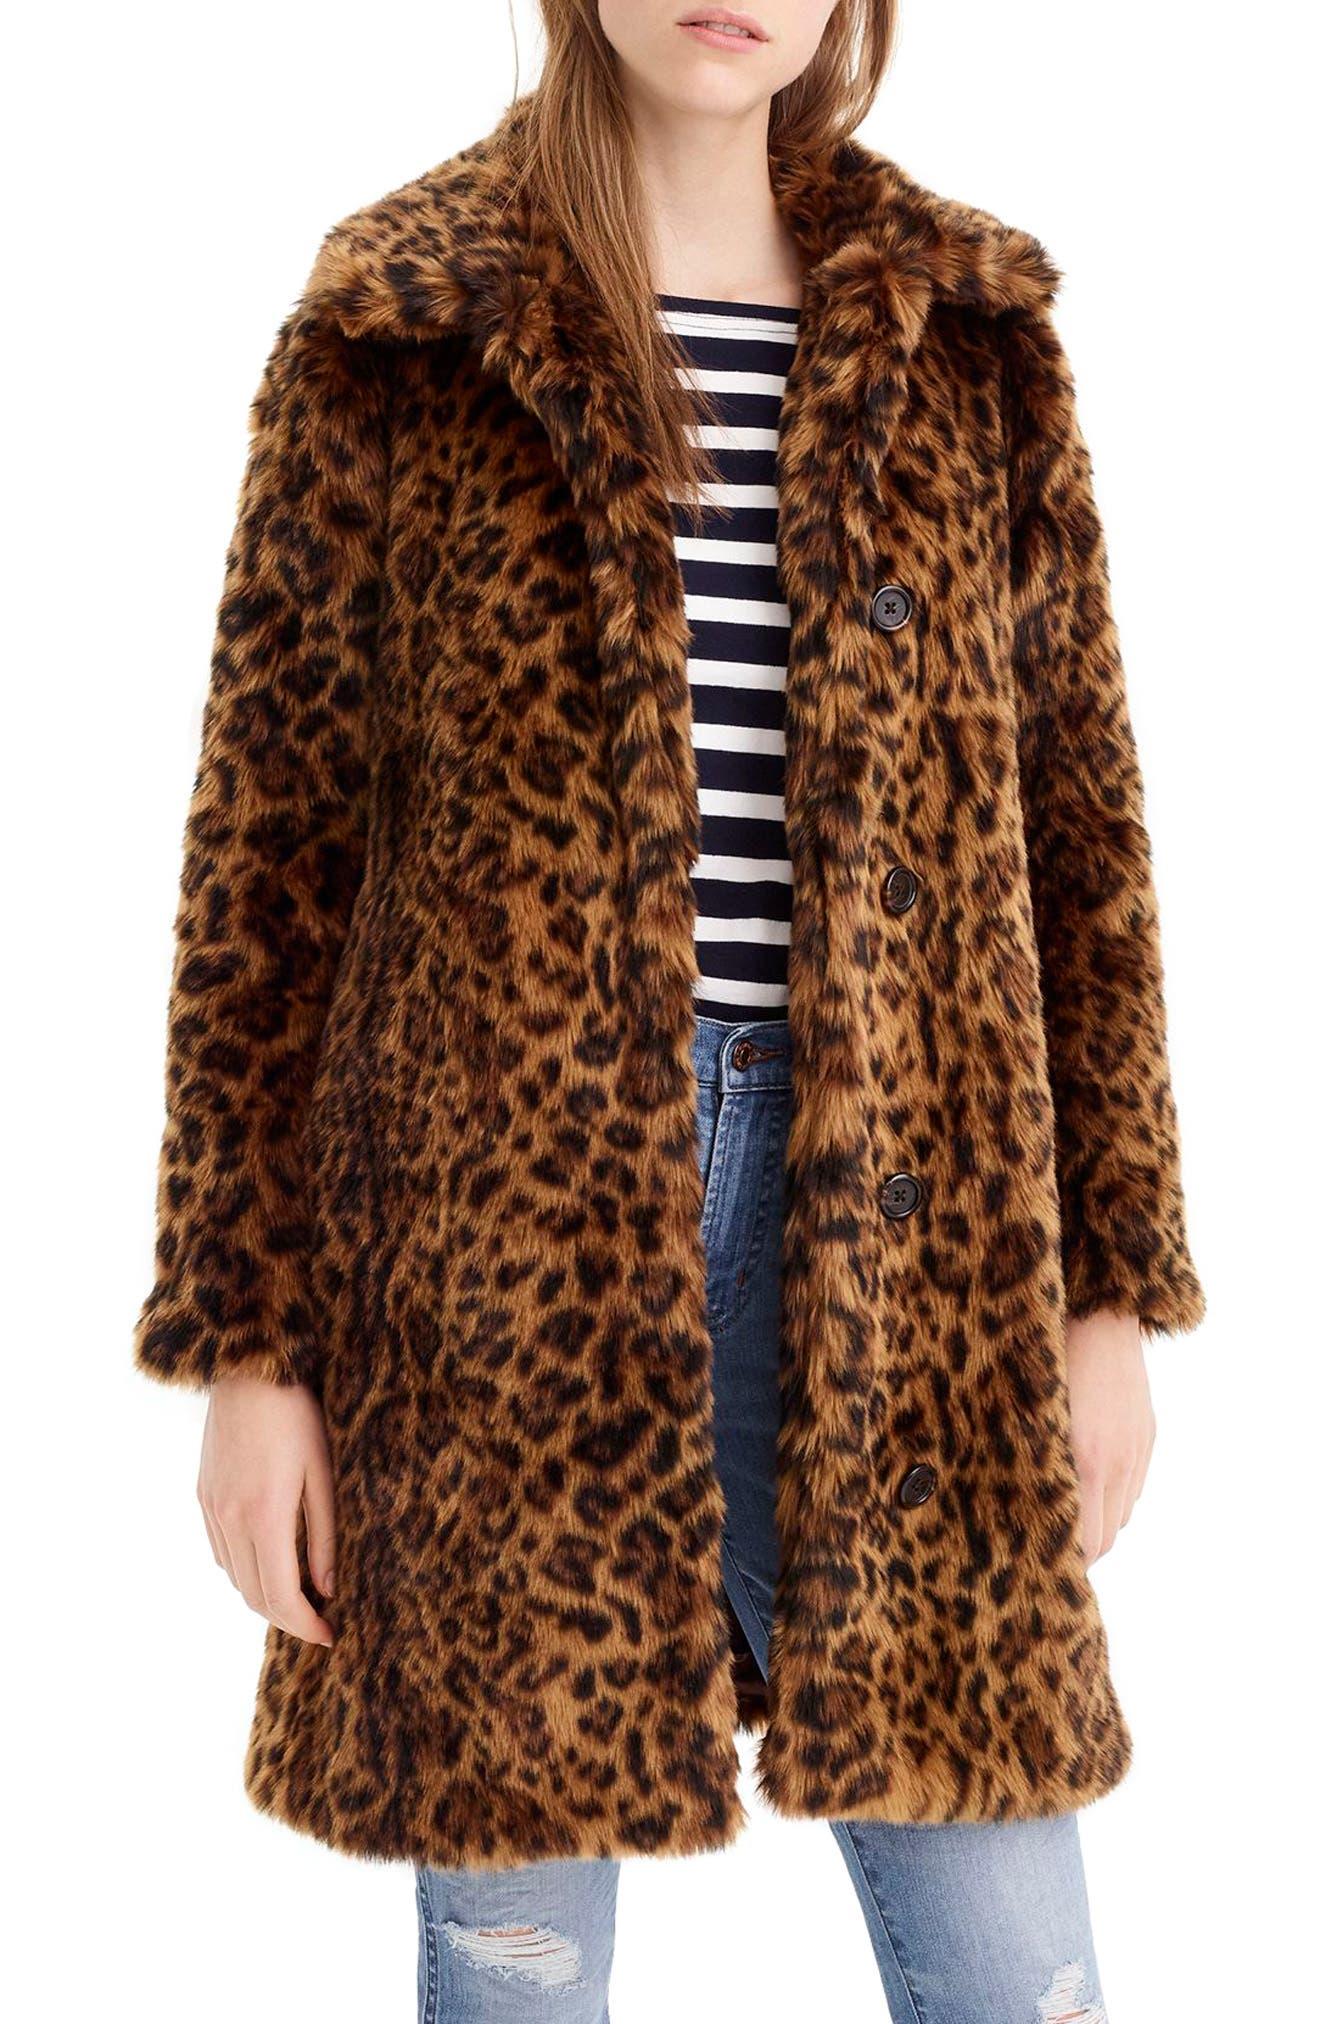 Leopard Print Faux Fur Coat,                             Main thumbnail 1, color,                             LEOPARD